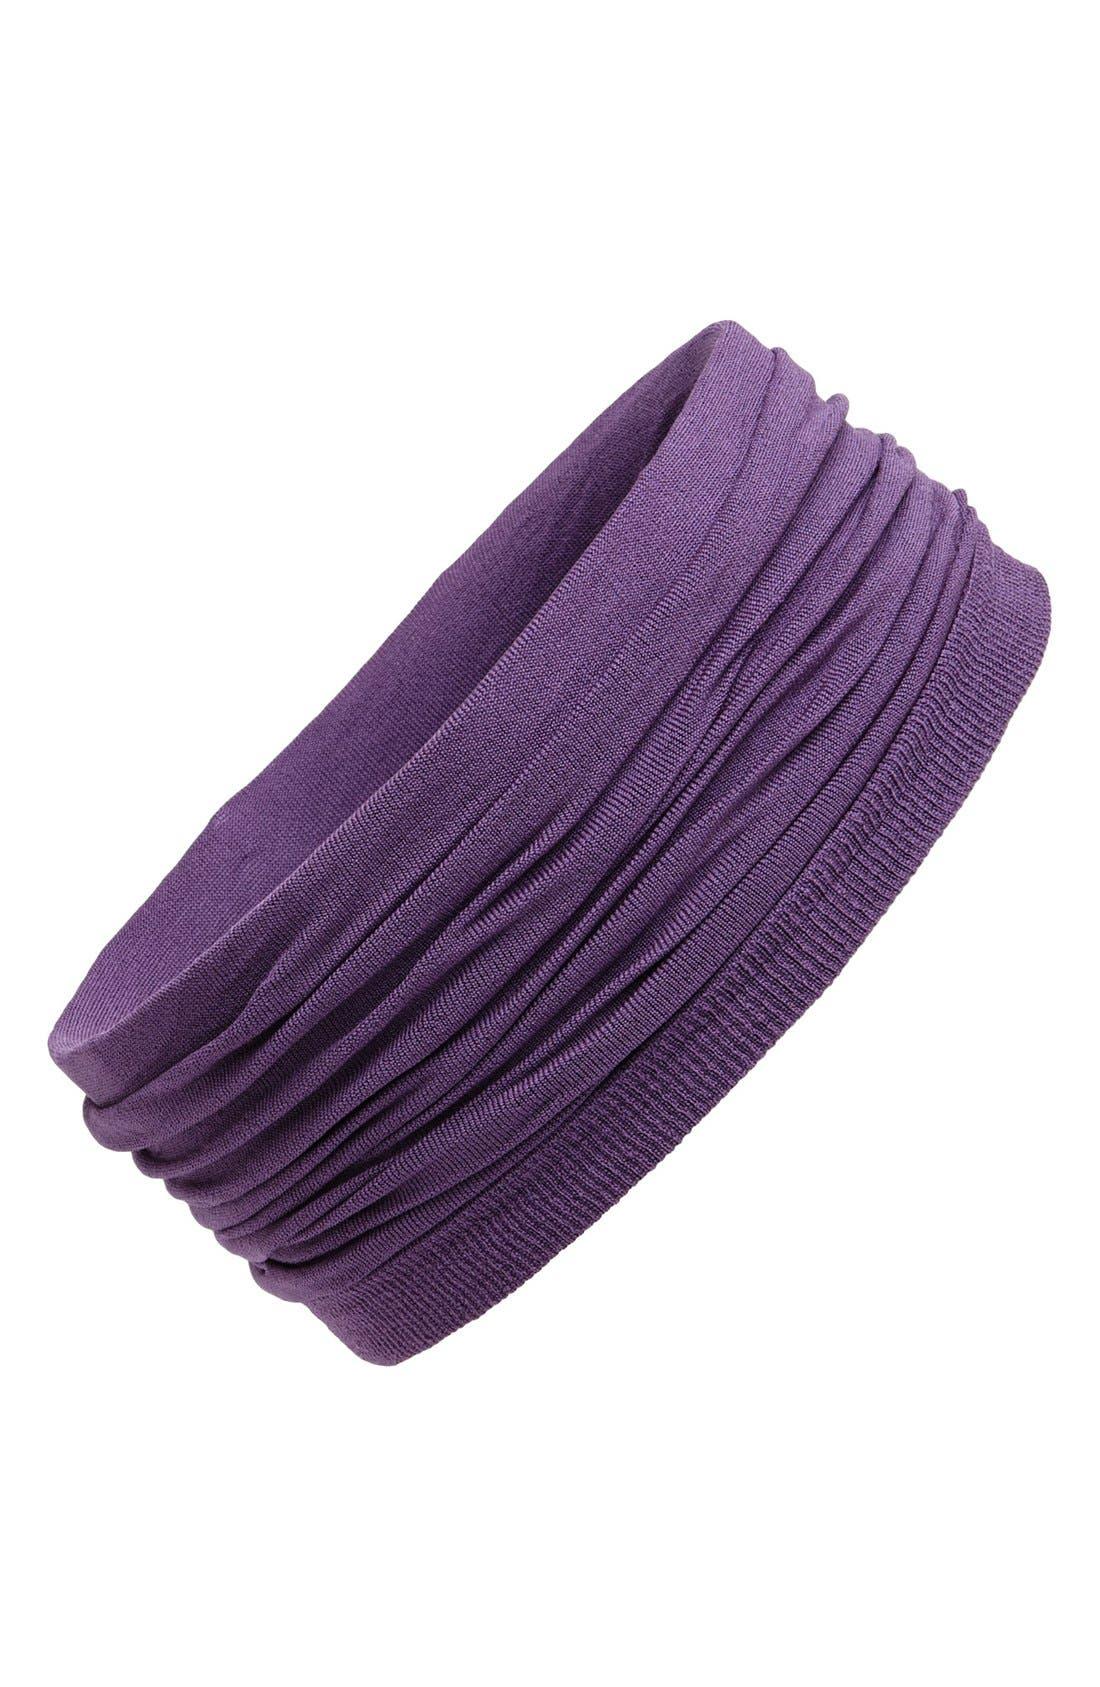 Relaxed Turban Headband,                             Main thumbnail 7, color,